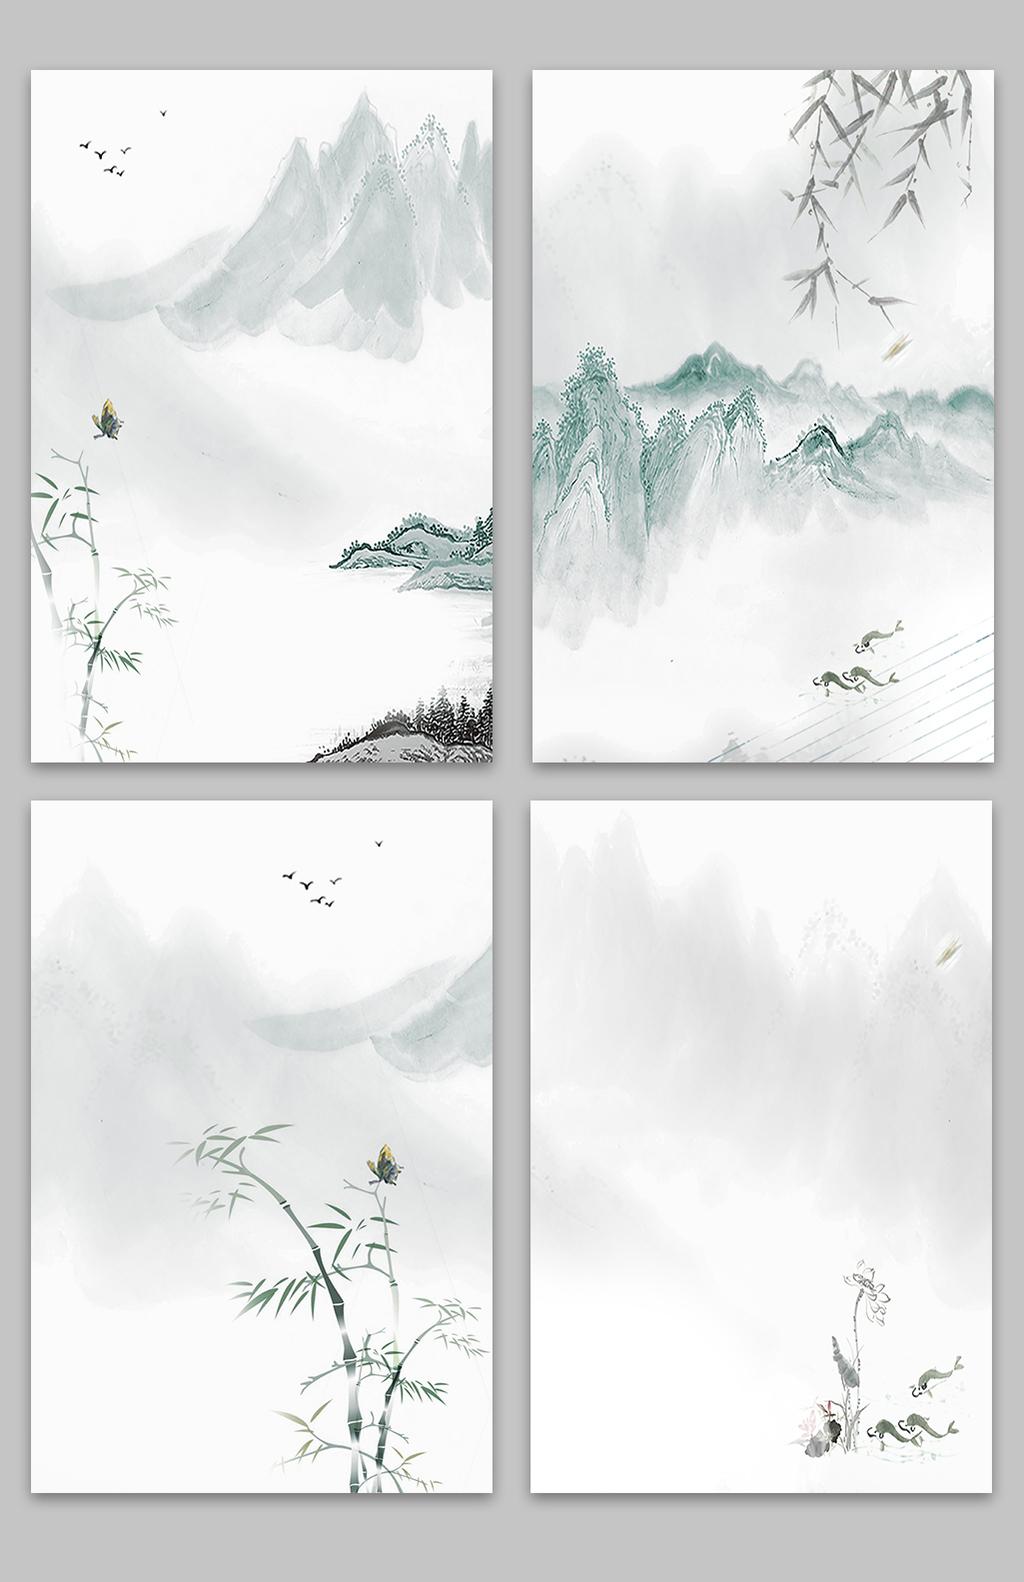 中国风复古水墨晕染山水海报背景素材图片